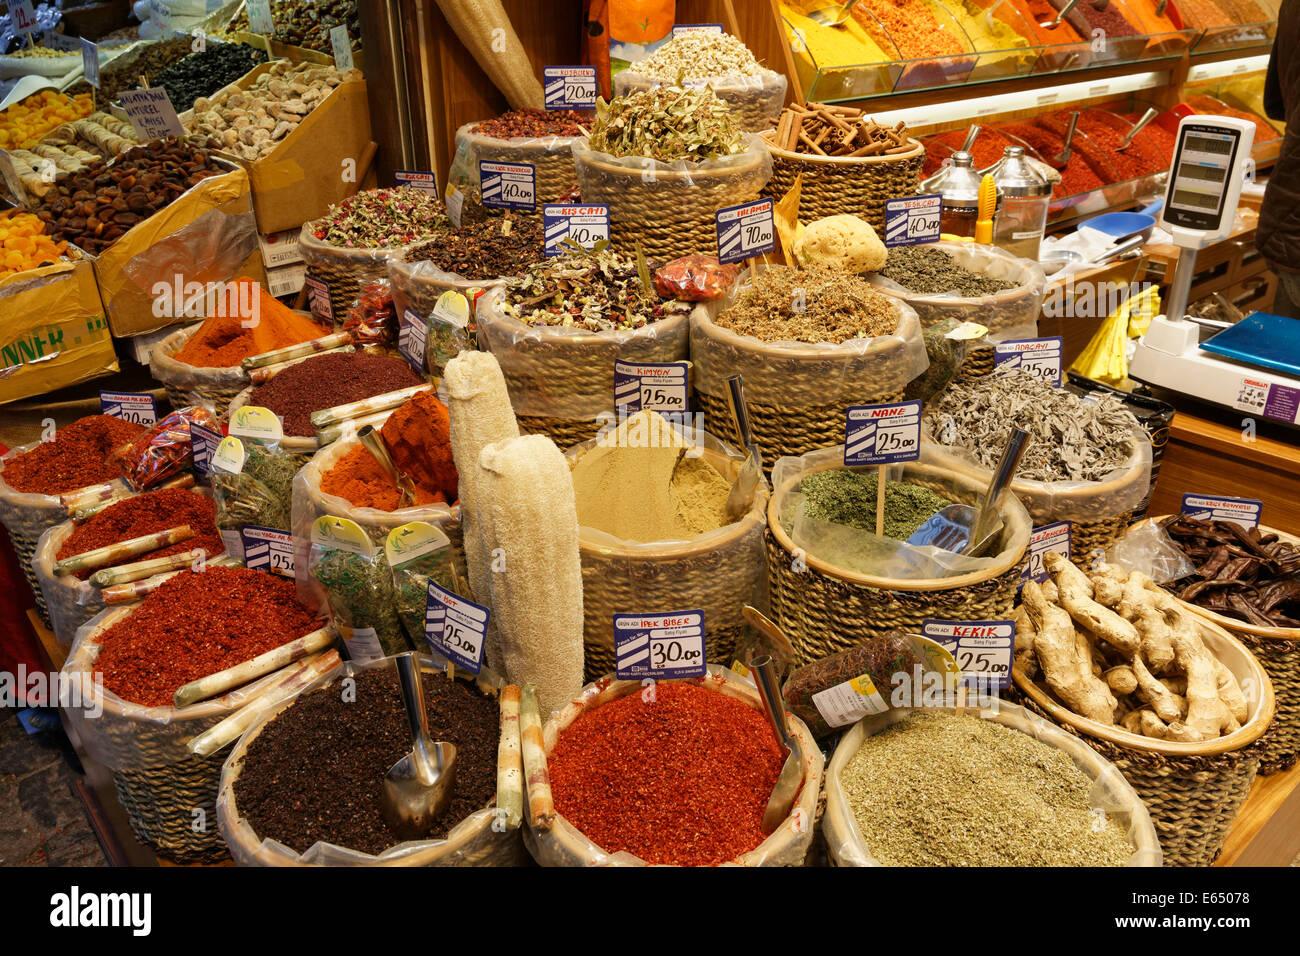 Misir Çarşısı, Egyptian Bazaar or Spice Bazaar, Eminönü, Istanbul, European side, Turkey - Stock Image